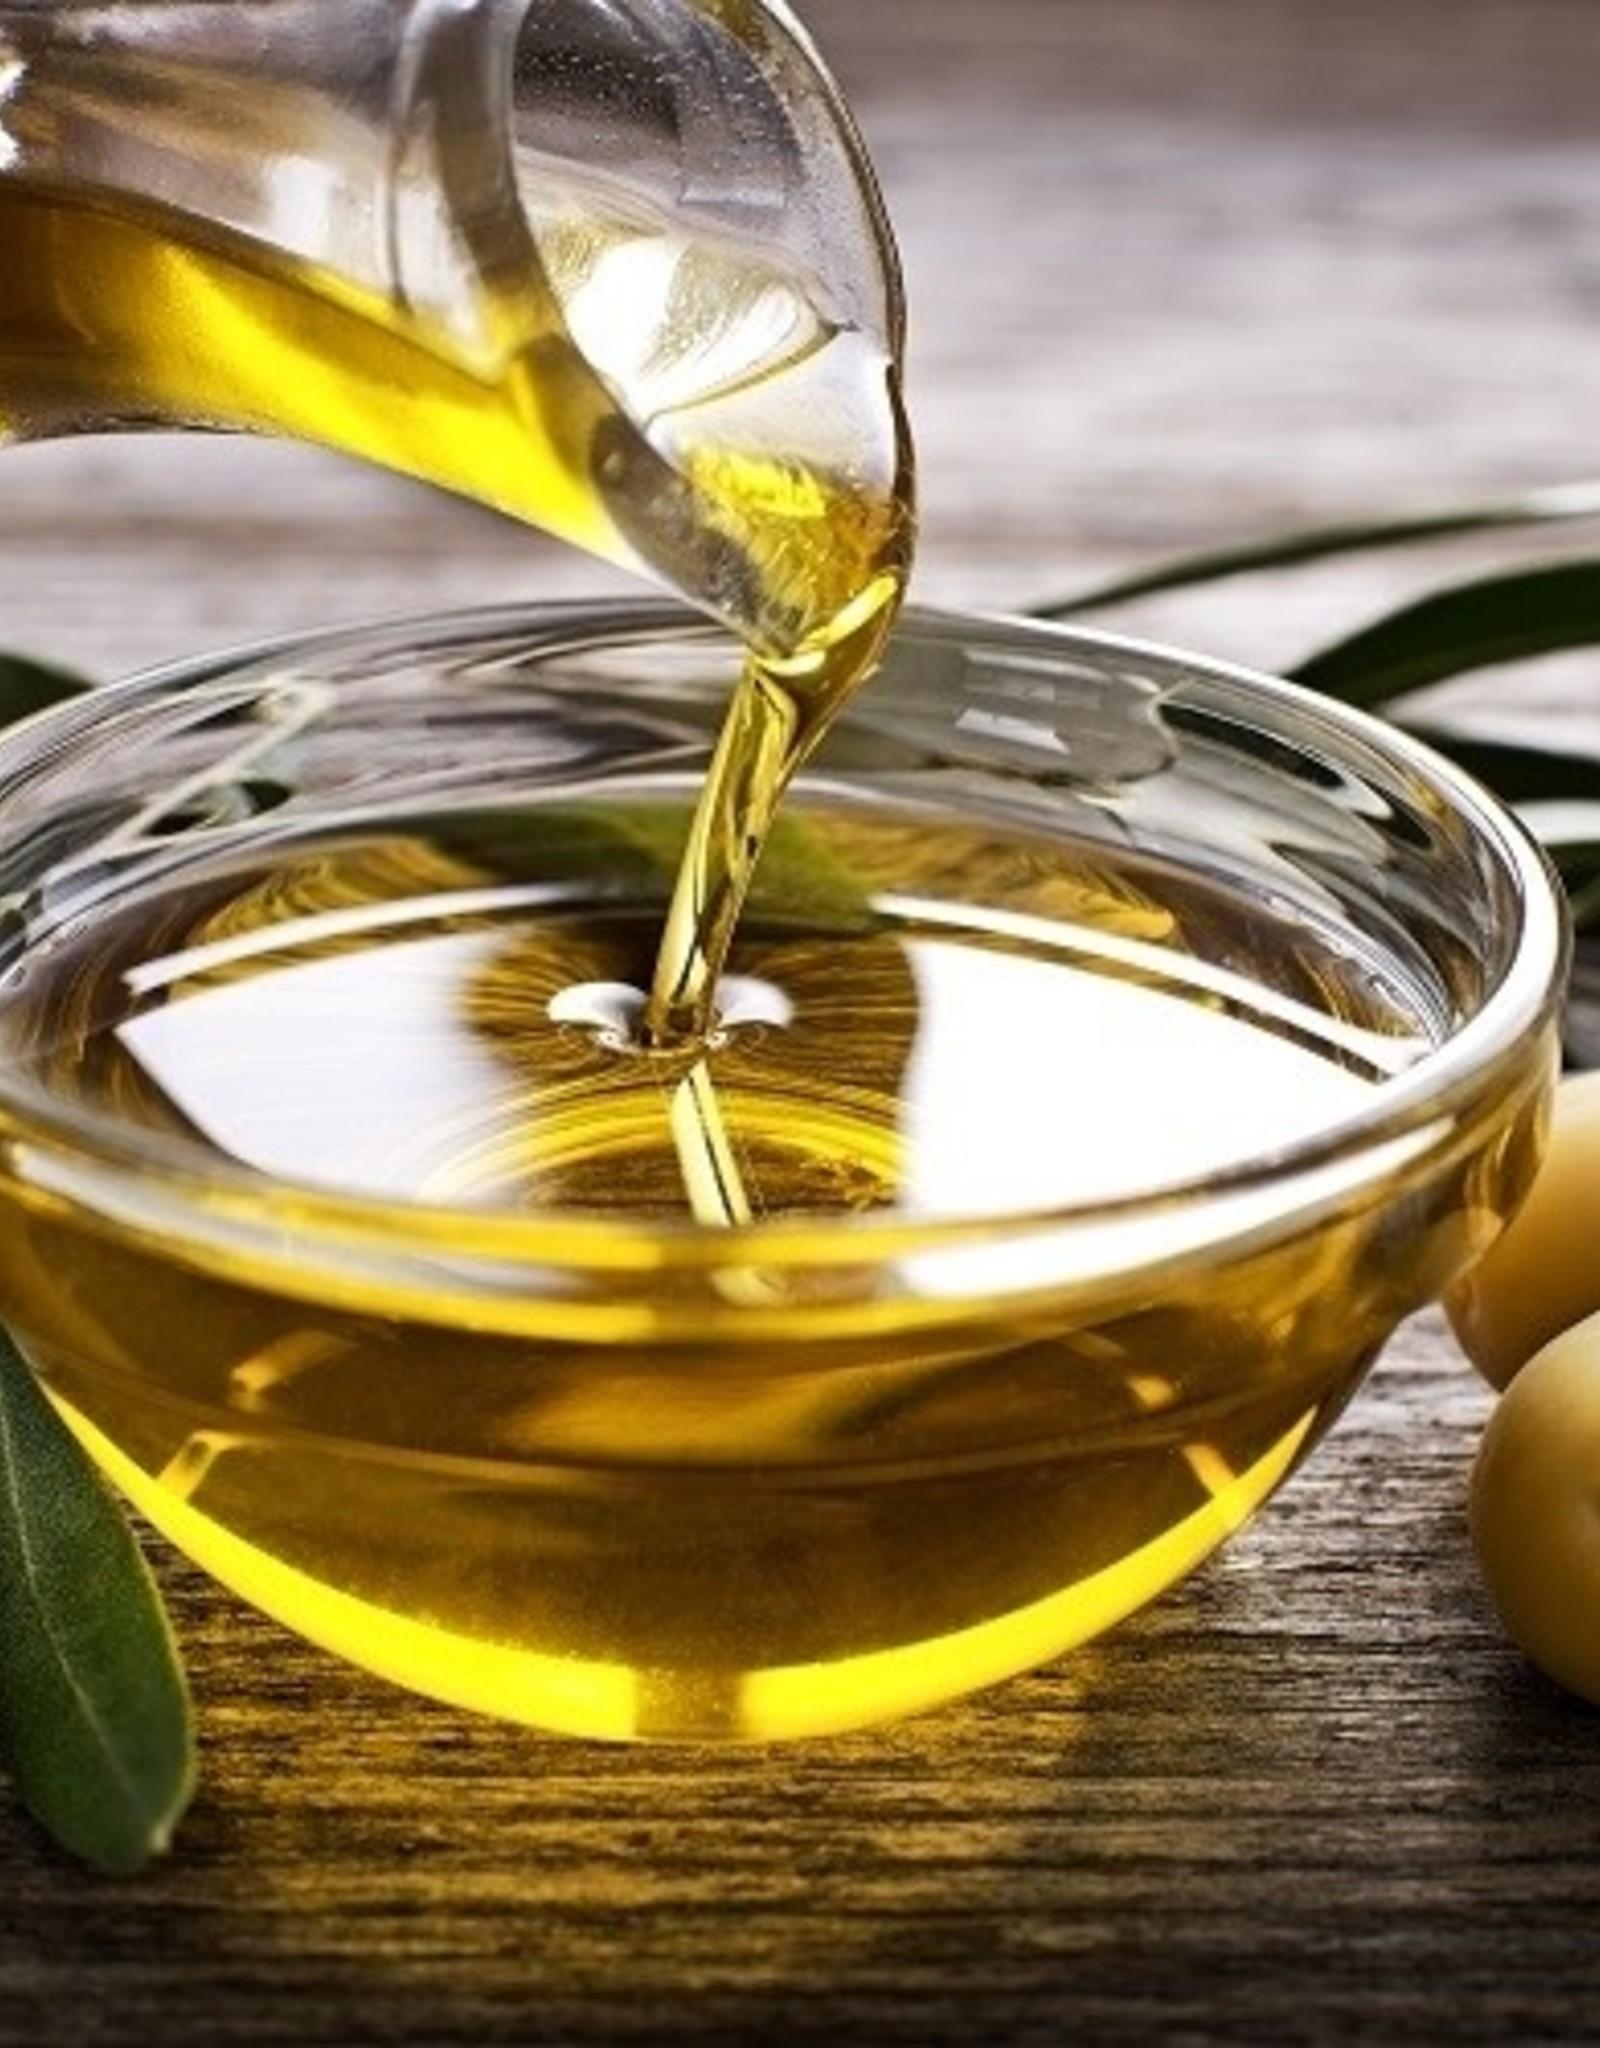 Wicked Good Spice Blends Olive Oil, Lemon Rosemary